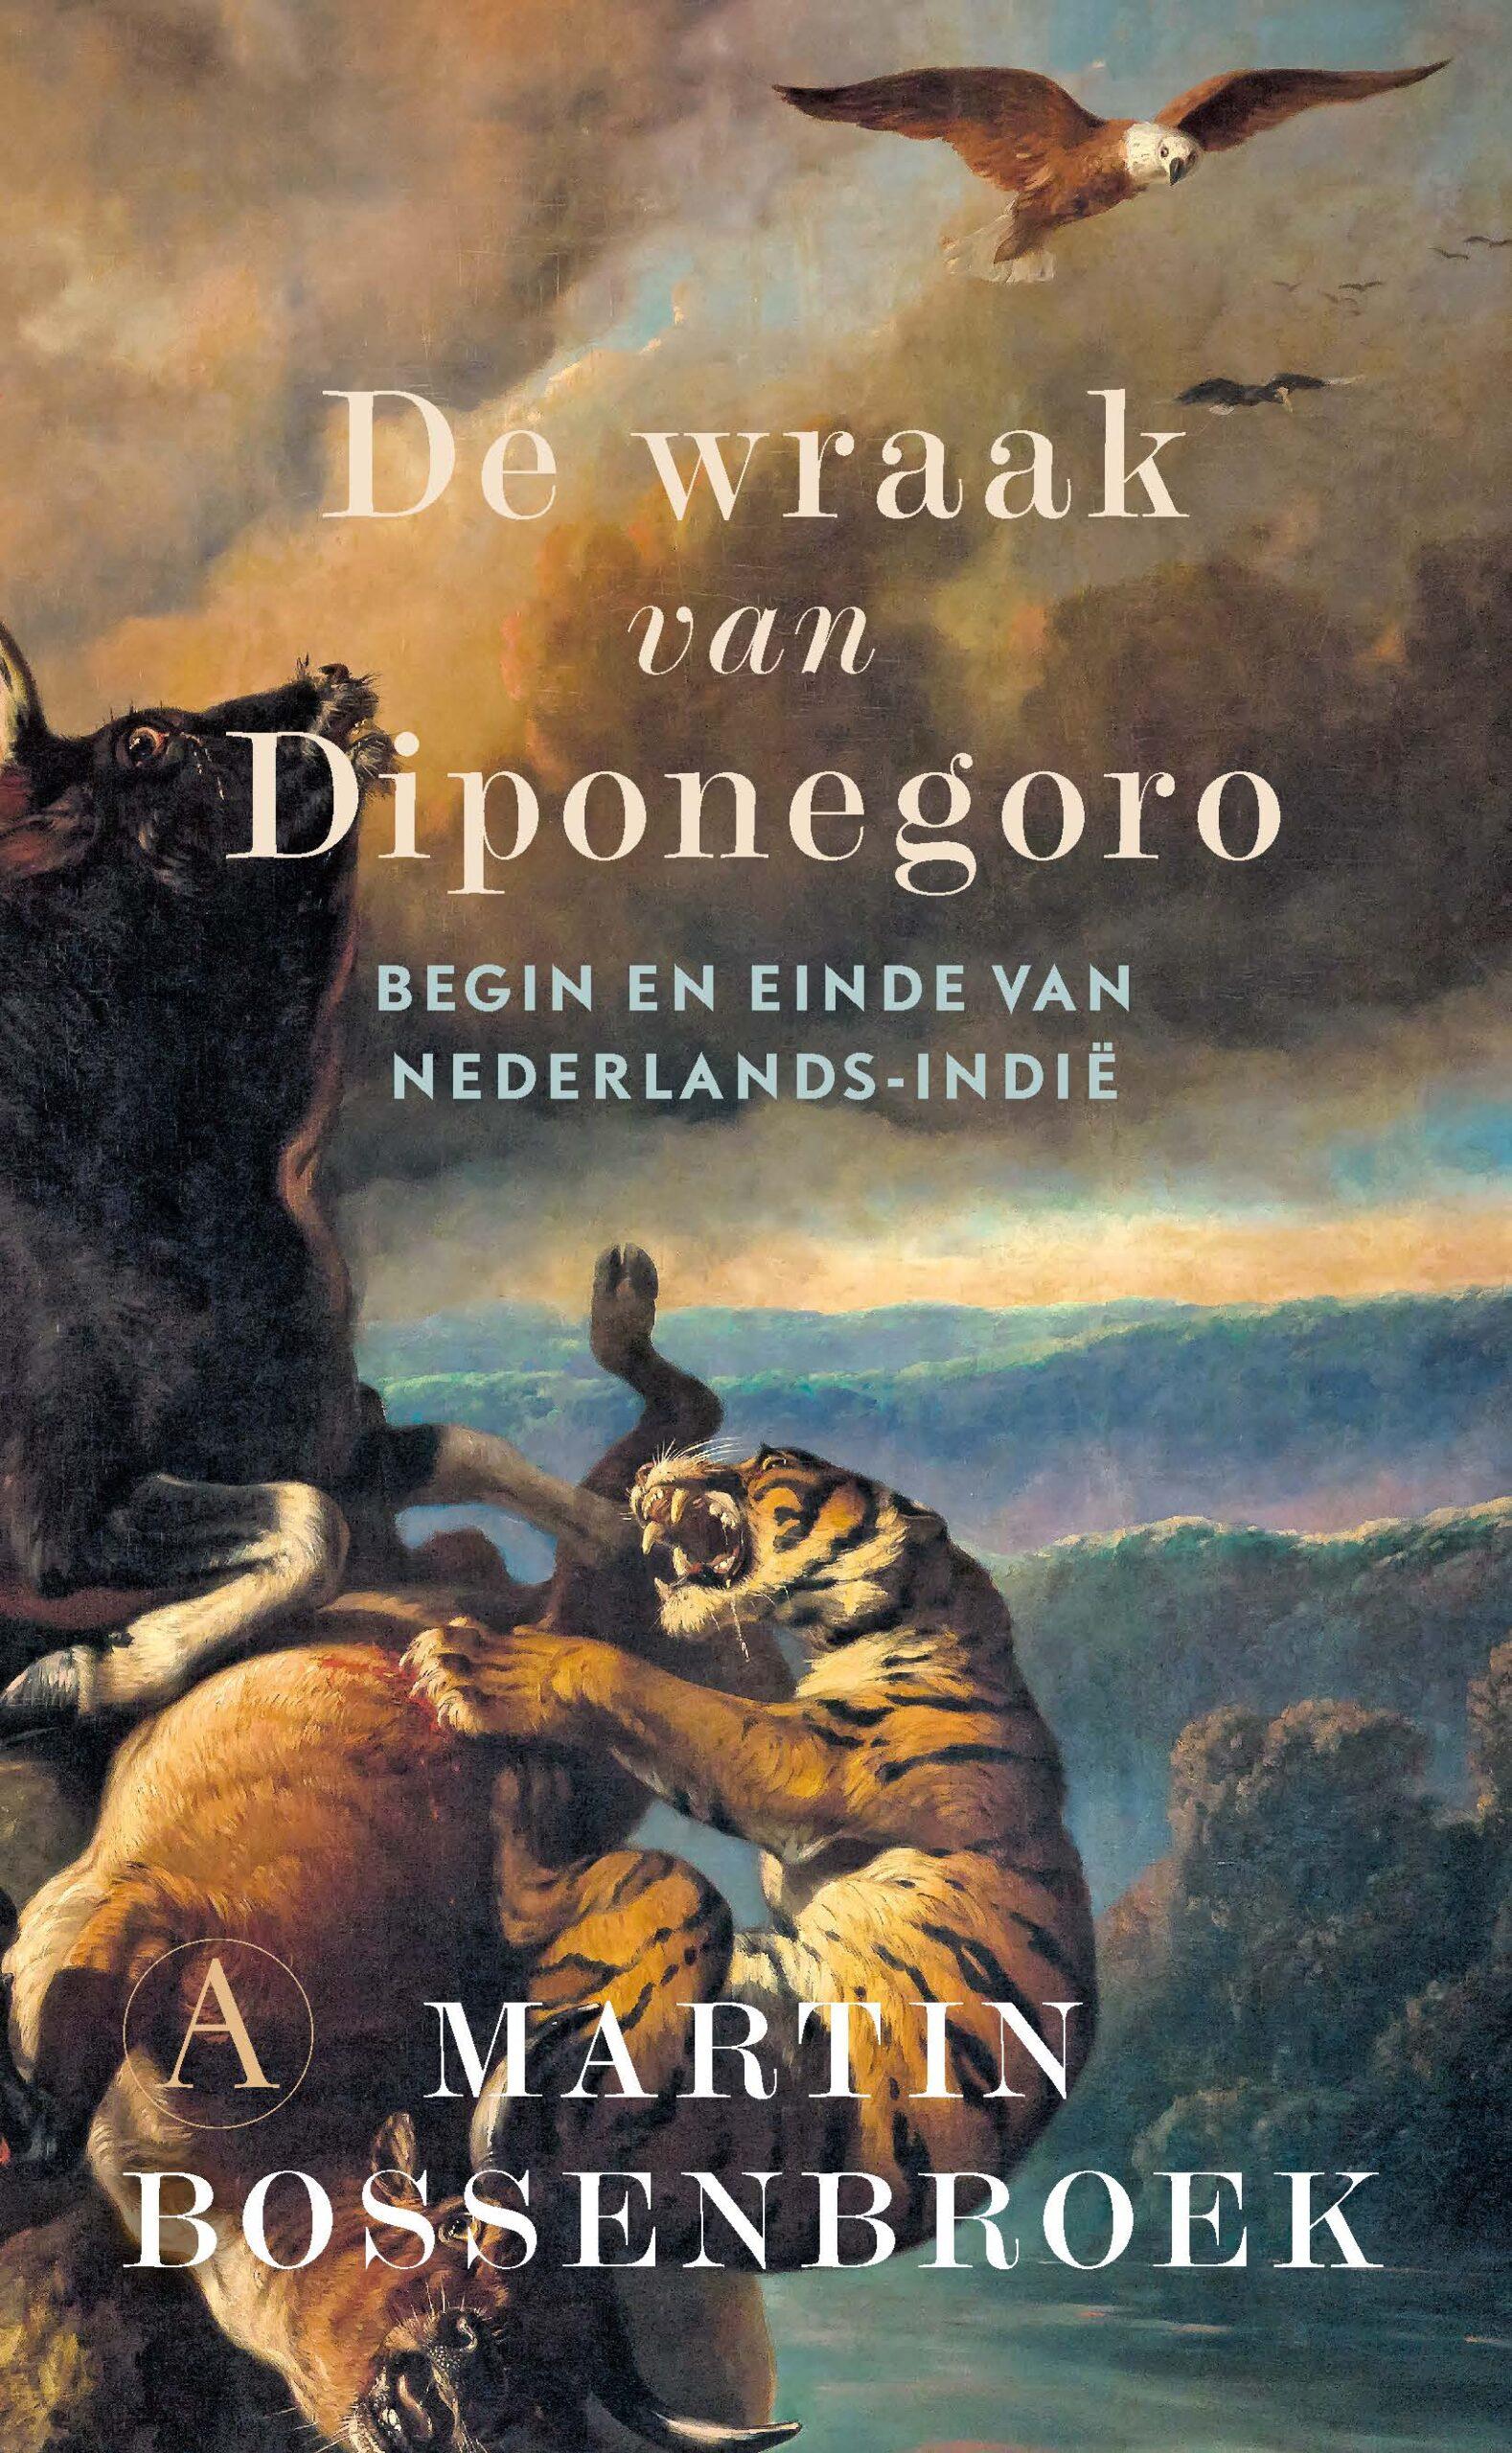 De wraak van Diponegoro - boekenflits